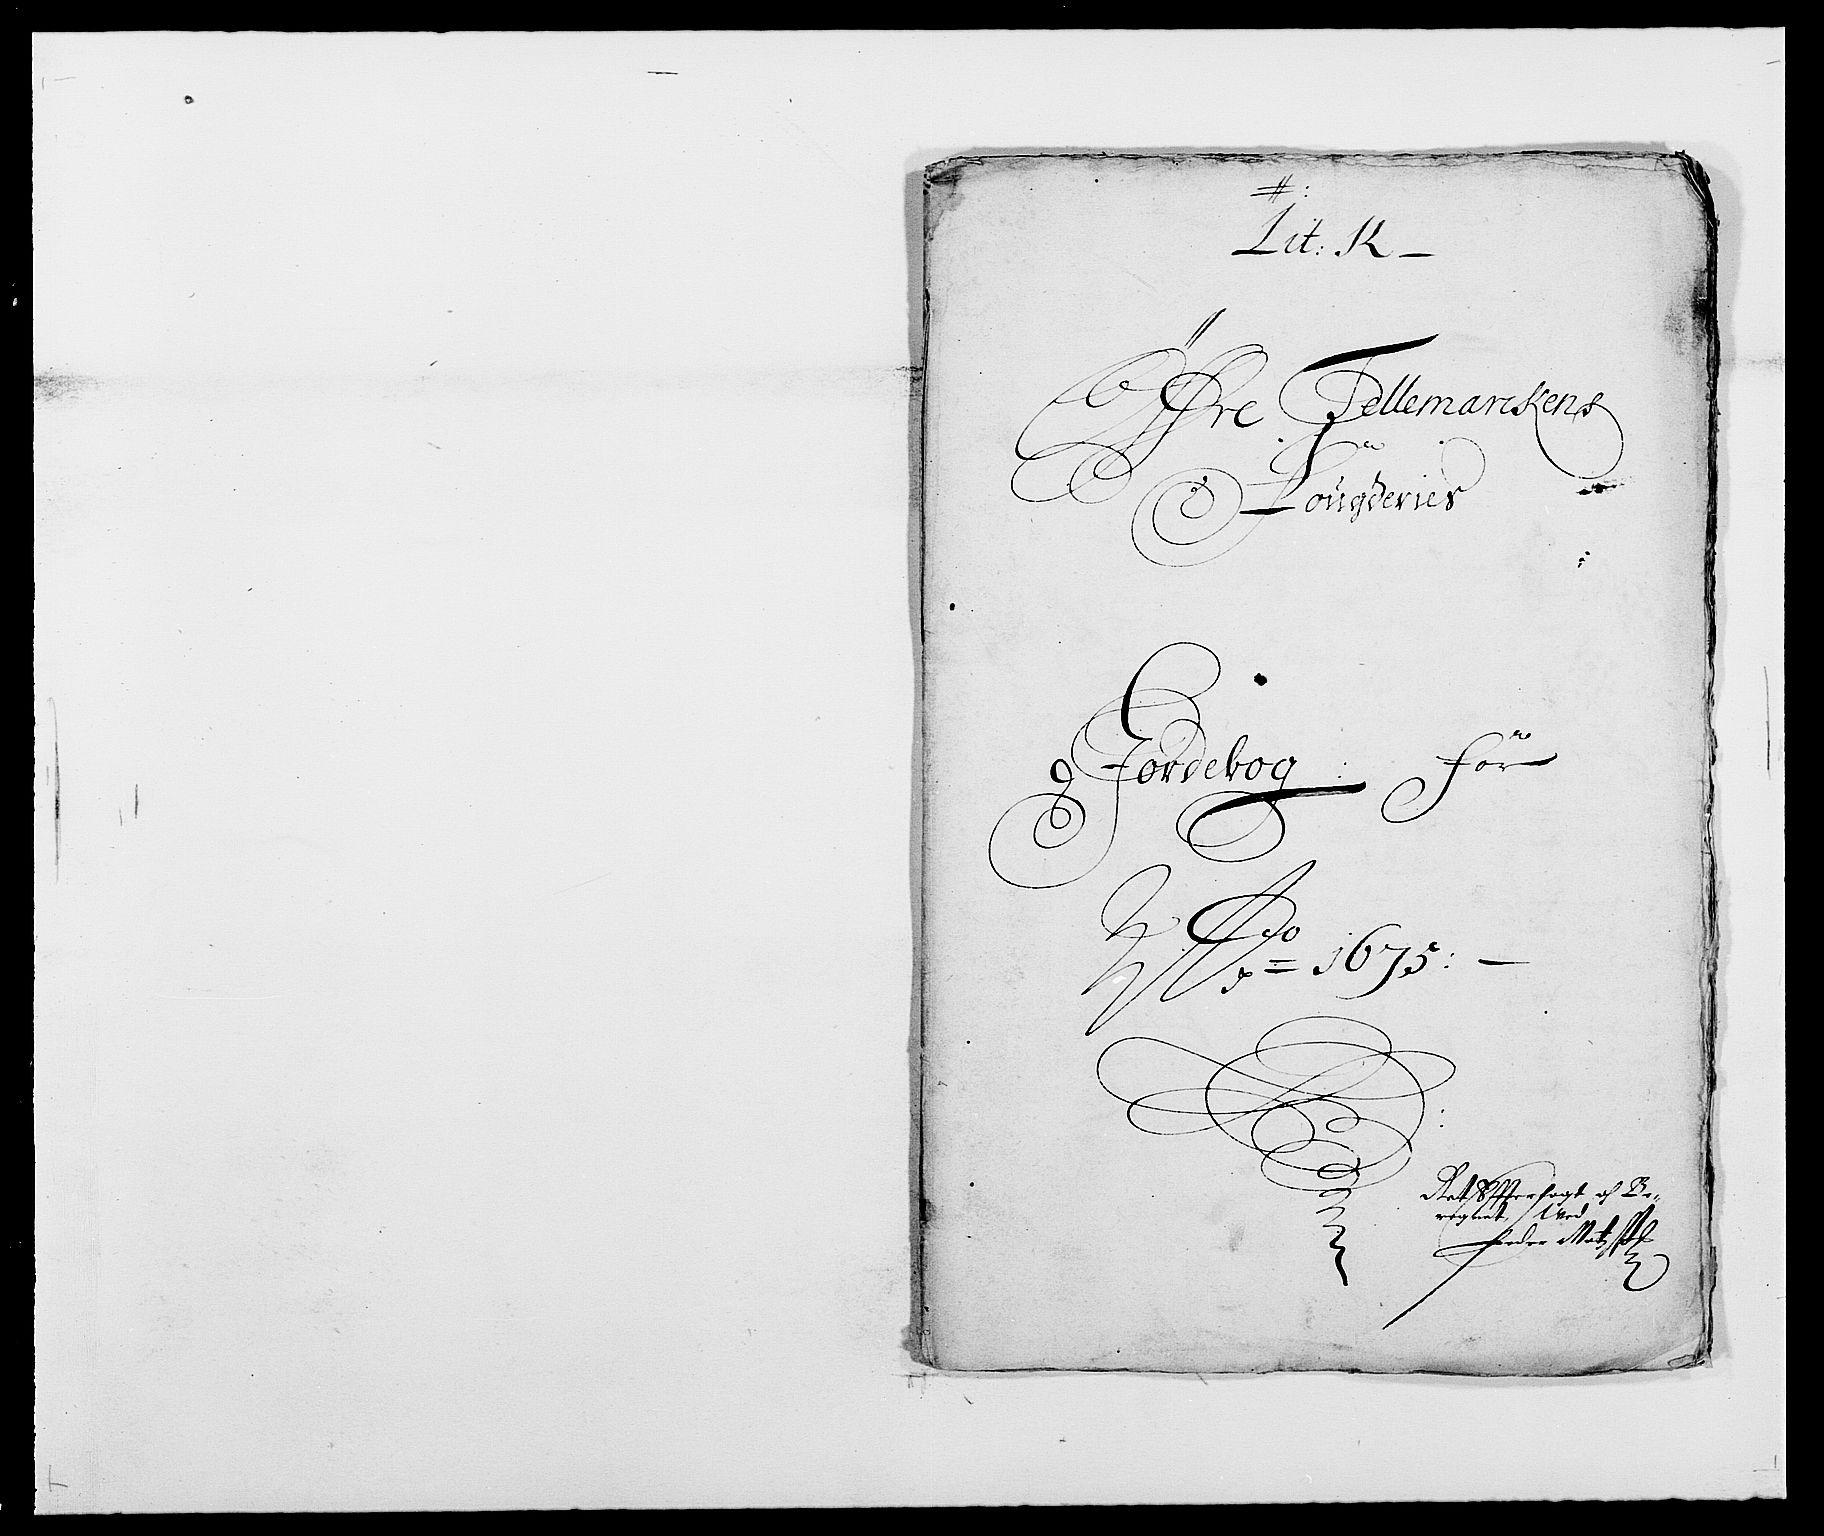 RA, Rentekammeret inntil 1814, Reviderte regnskaper, Fogderegnskap, R35/L2063: Fogderegnskap Øvre og Nedre Telemark, 1675, s. 296